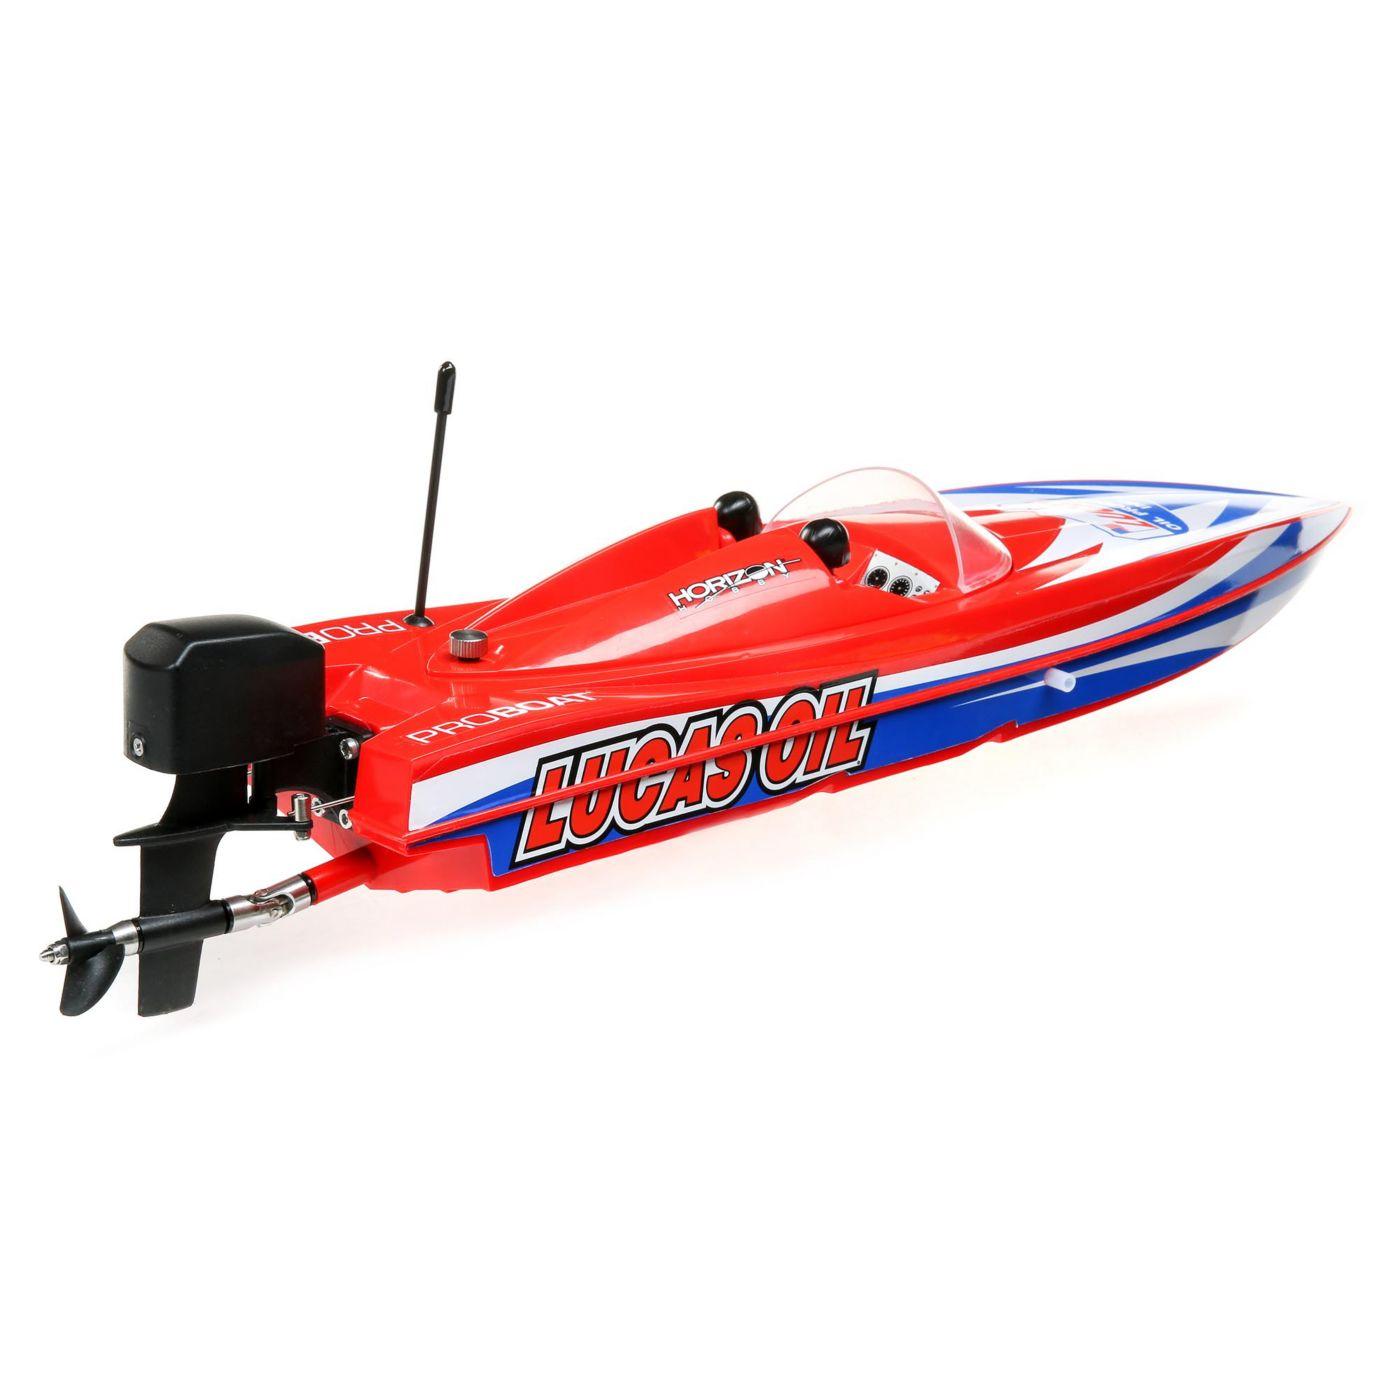 Pro Boat Power Boat Racer - Rear